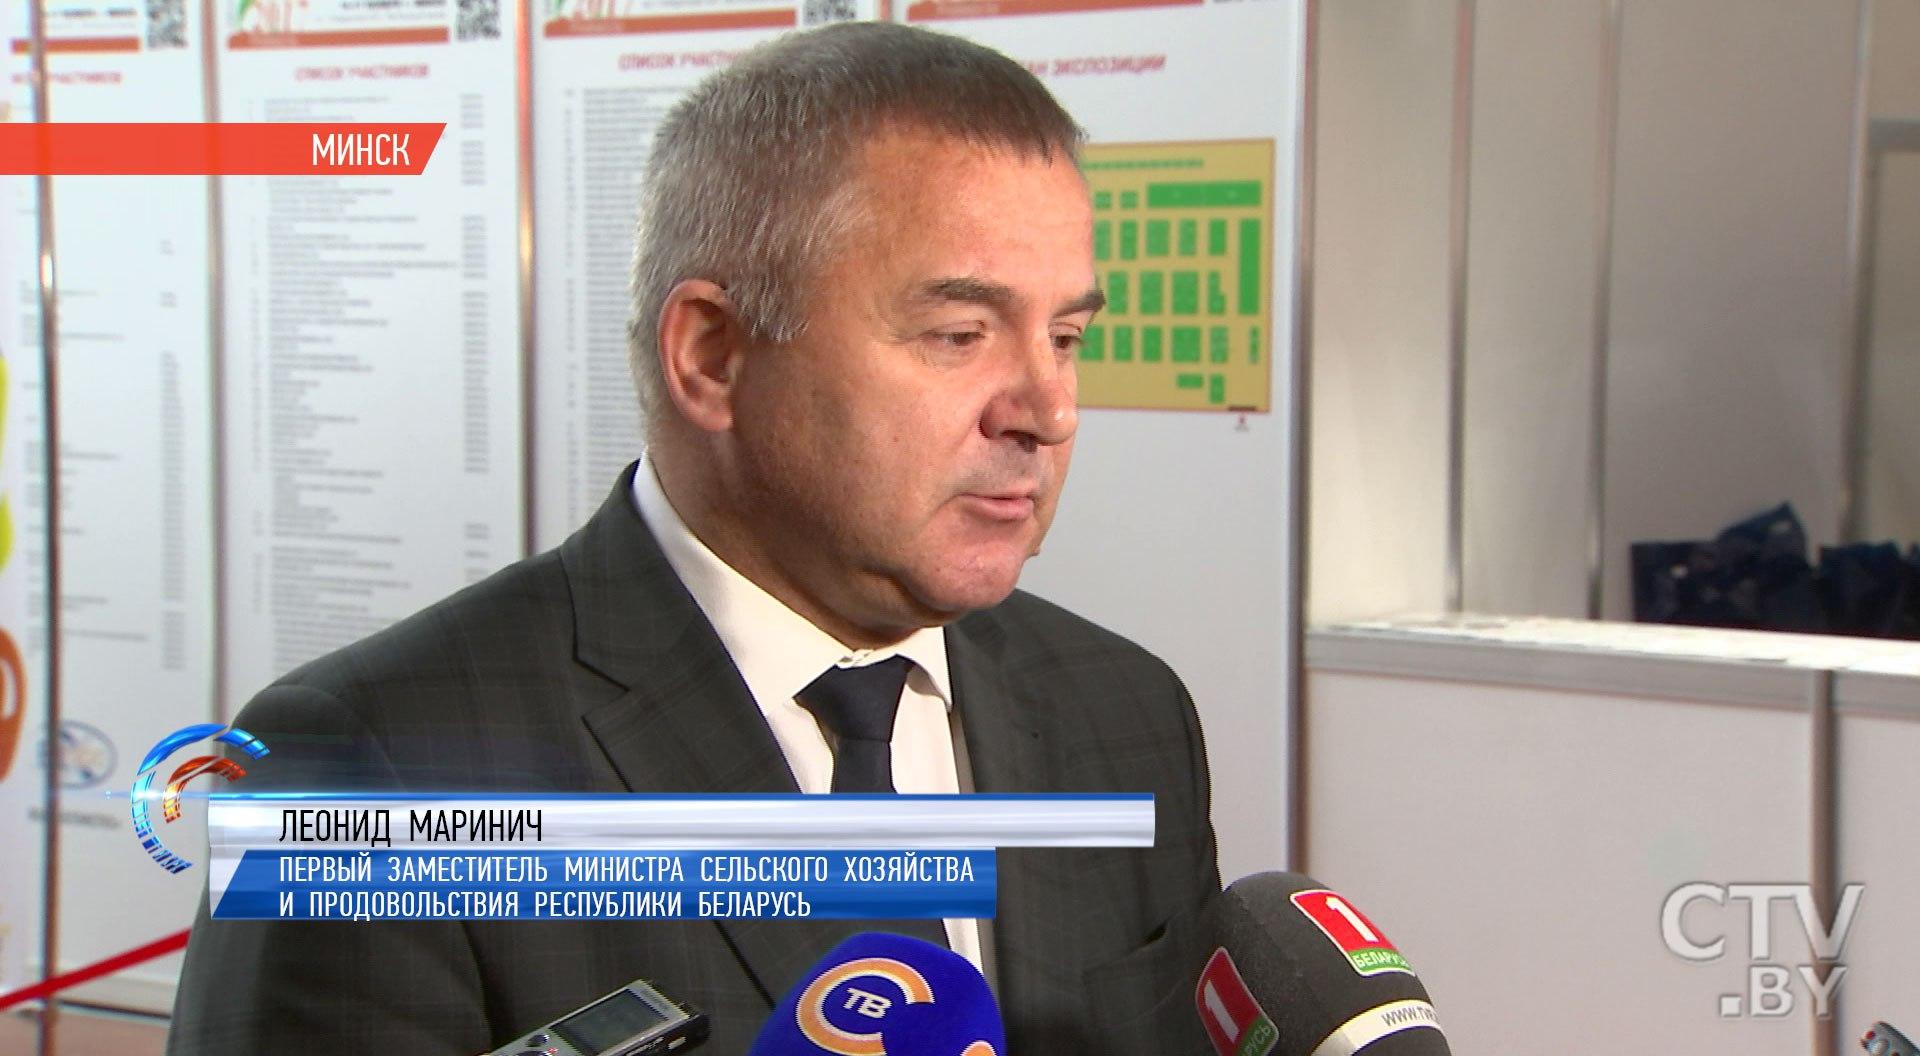 Минсельхозпрод: экспорт белорусских продуктов загод увеличился на11%